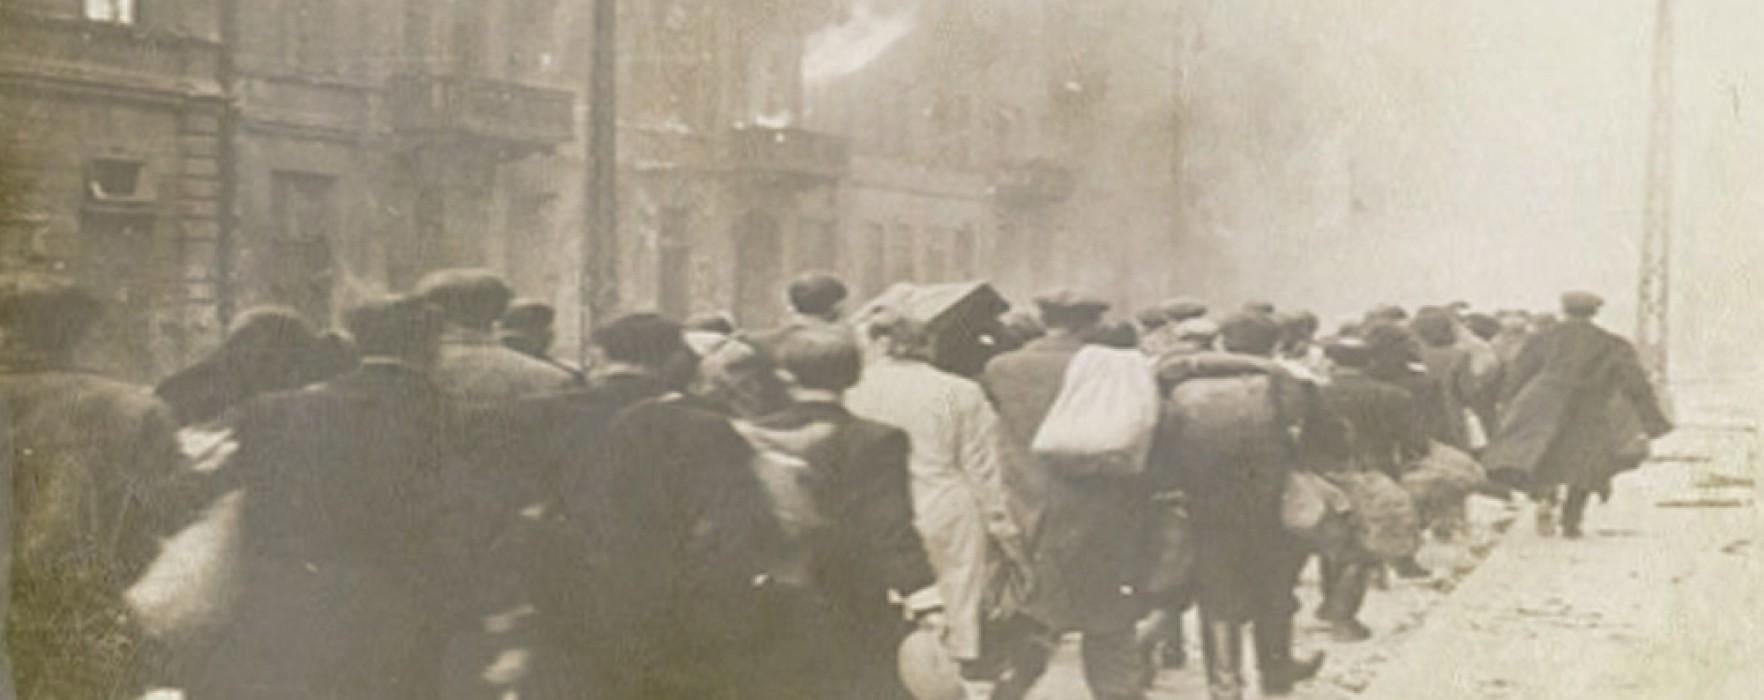 Manifestare la sediul Bibliotecii Judeţene Dâmboviţa de Ziua Naţională de Comemorare a Holocaustului